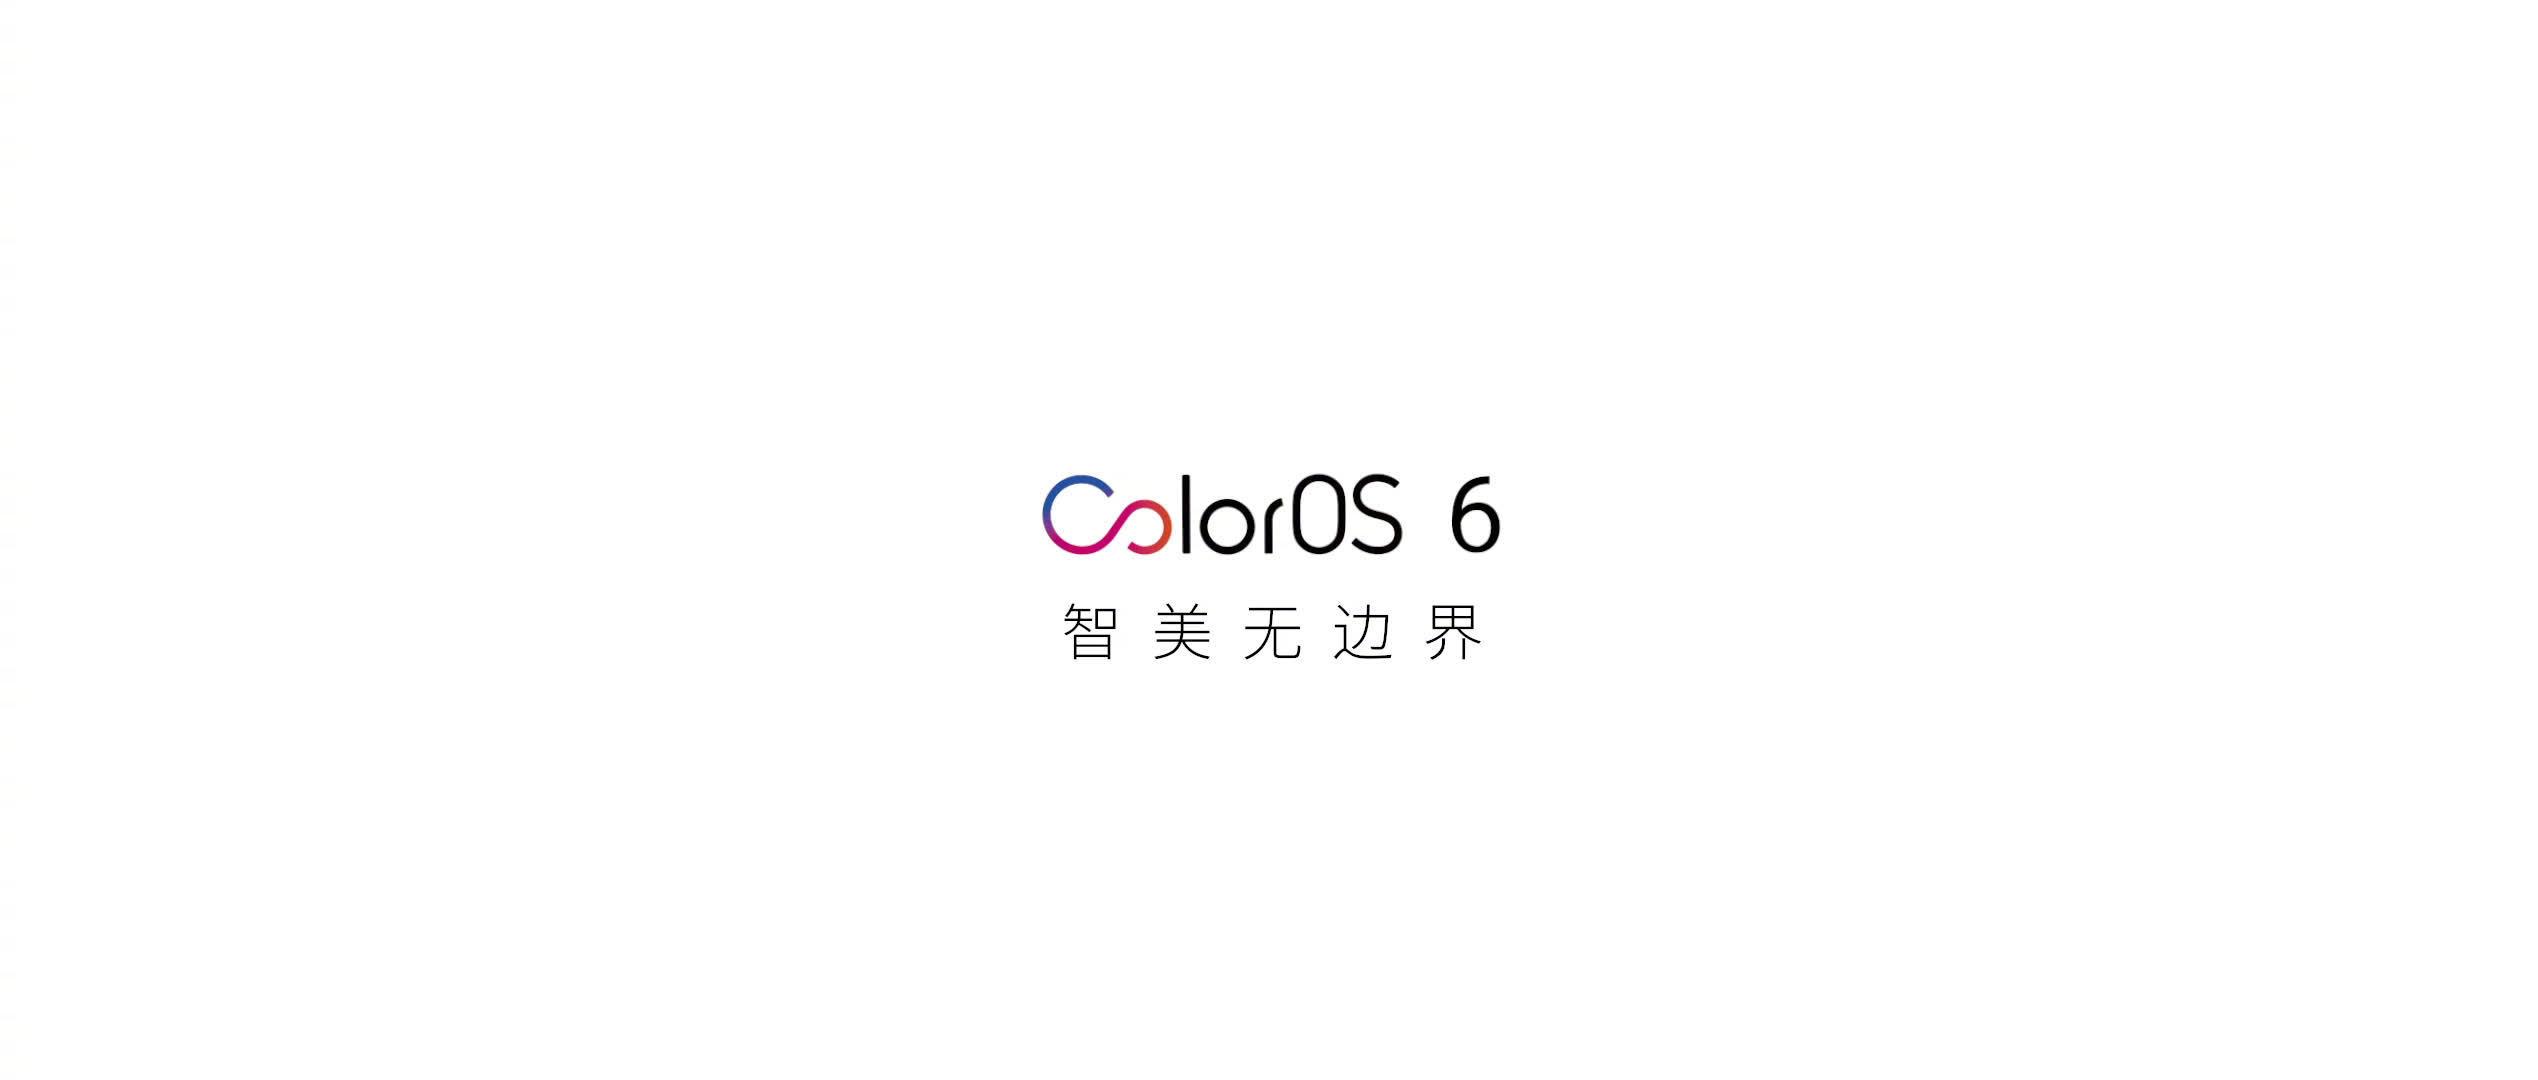 Oppo Color OS 6 lanzado;  Verifique nuevas funciones y dispositivos compatibles.